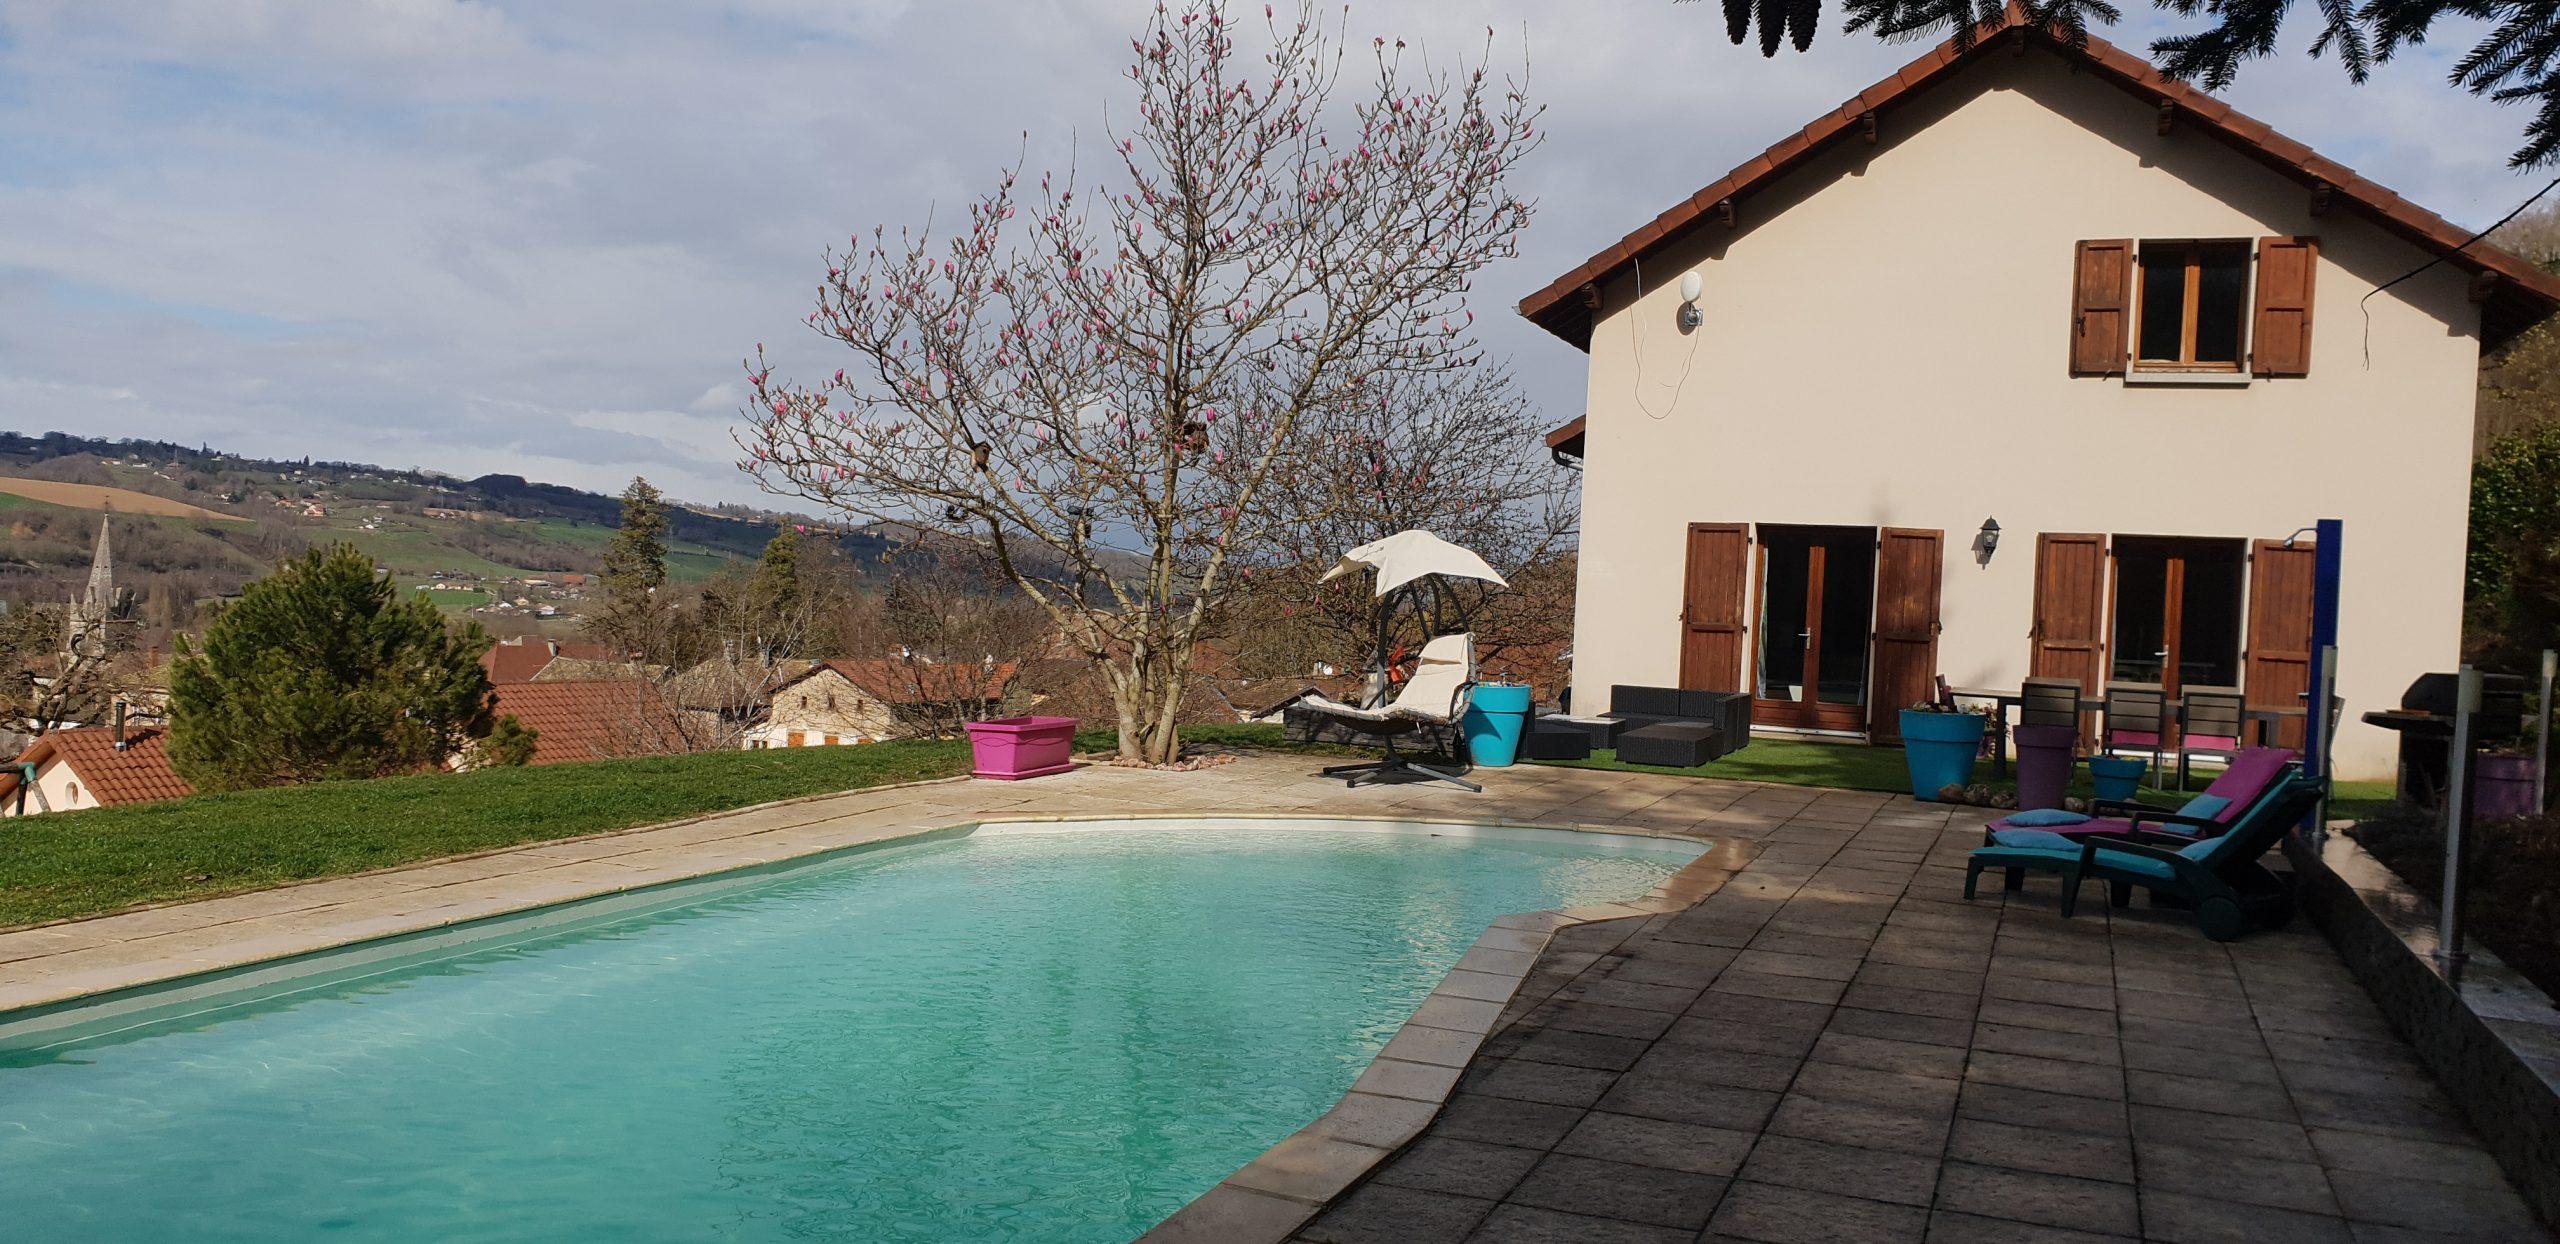 Vente Villa De 137M² Avec Piscine Et Vue | Dohm Immobilier destiné Piscine Les Abrets